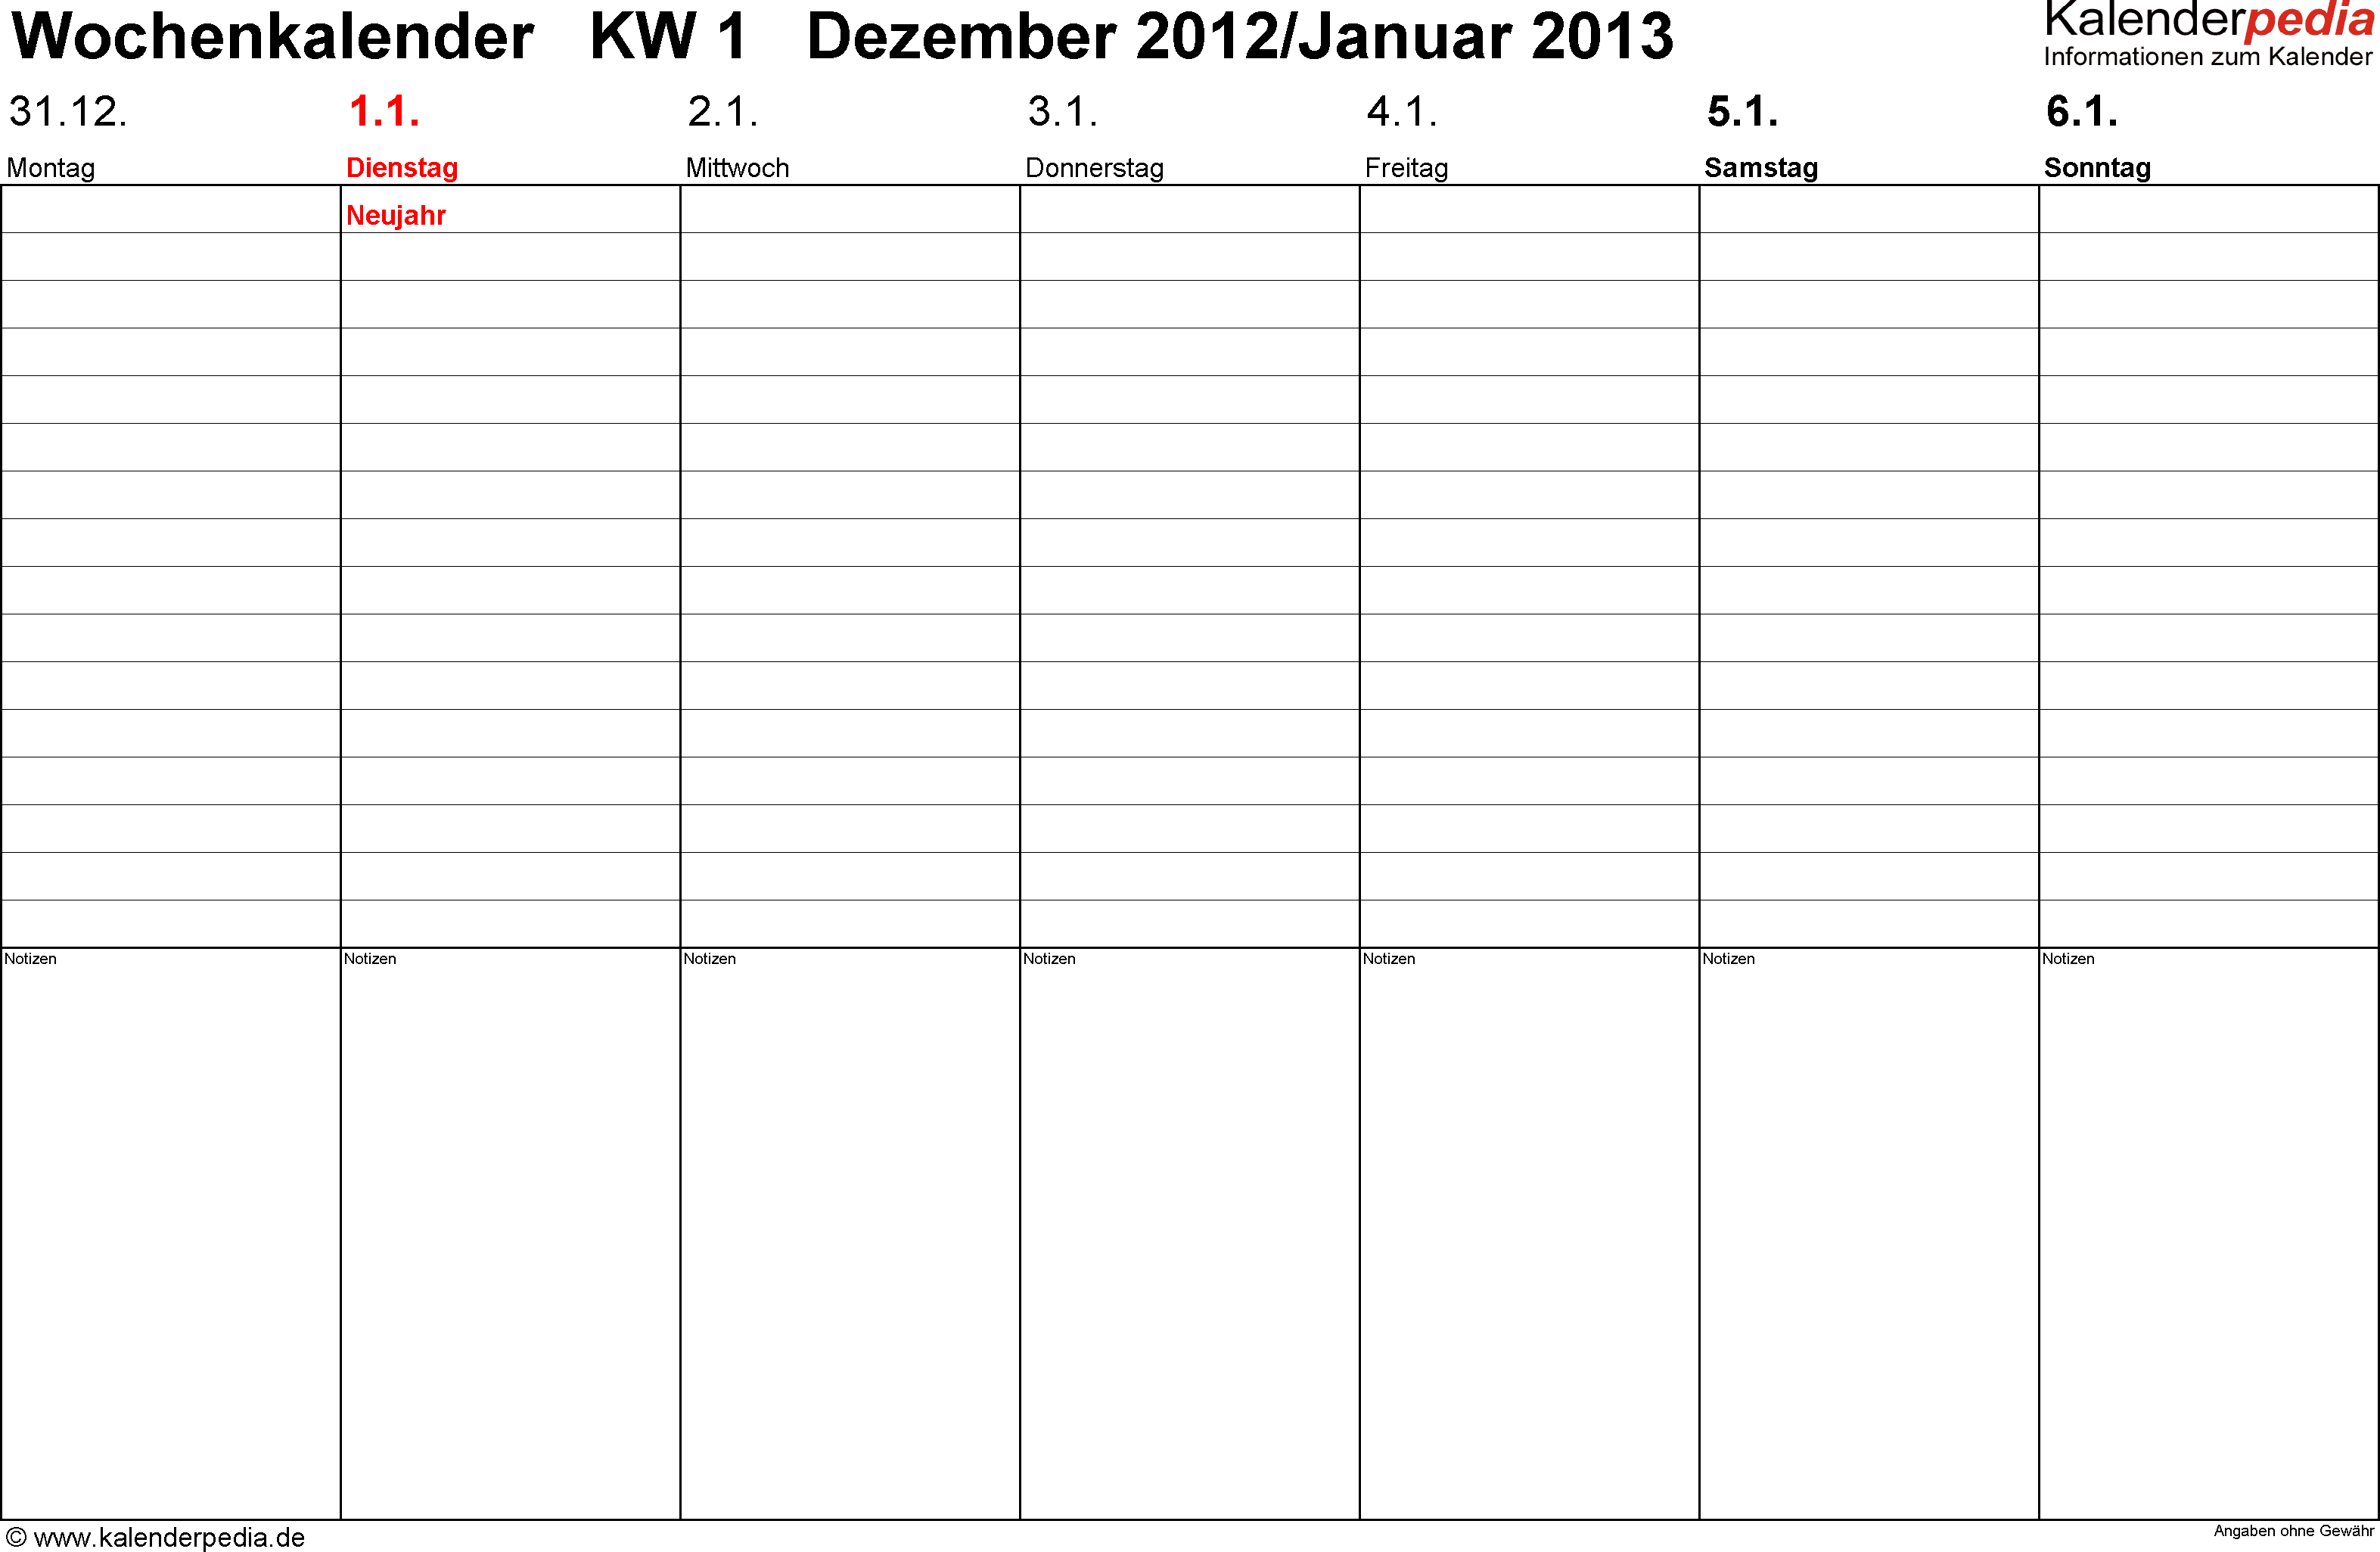 Vorlage 2: Wochenkalender 2013 als PDF-Vorlage, Querformat, Tage nebeneinander, 53 Seiten (1 Woche auf 1 Seite)